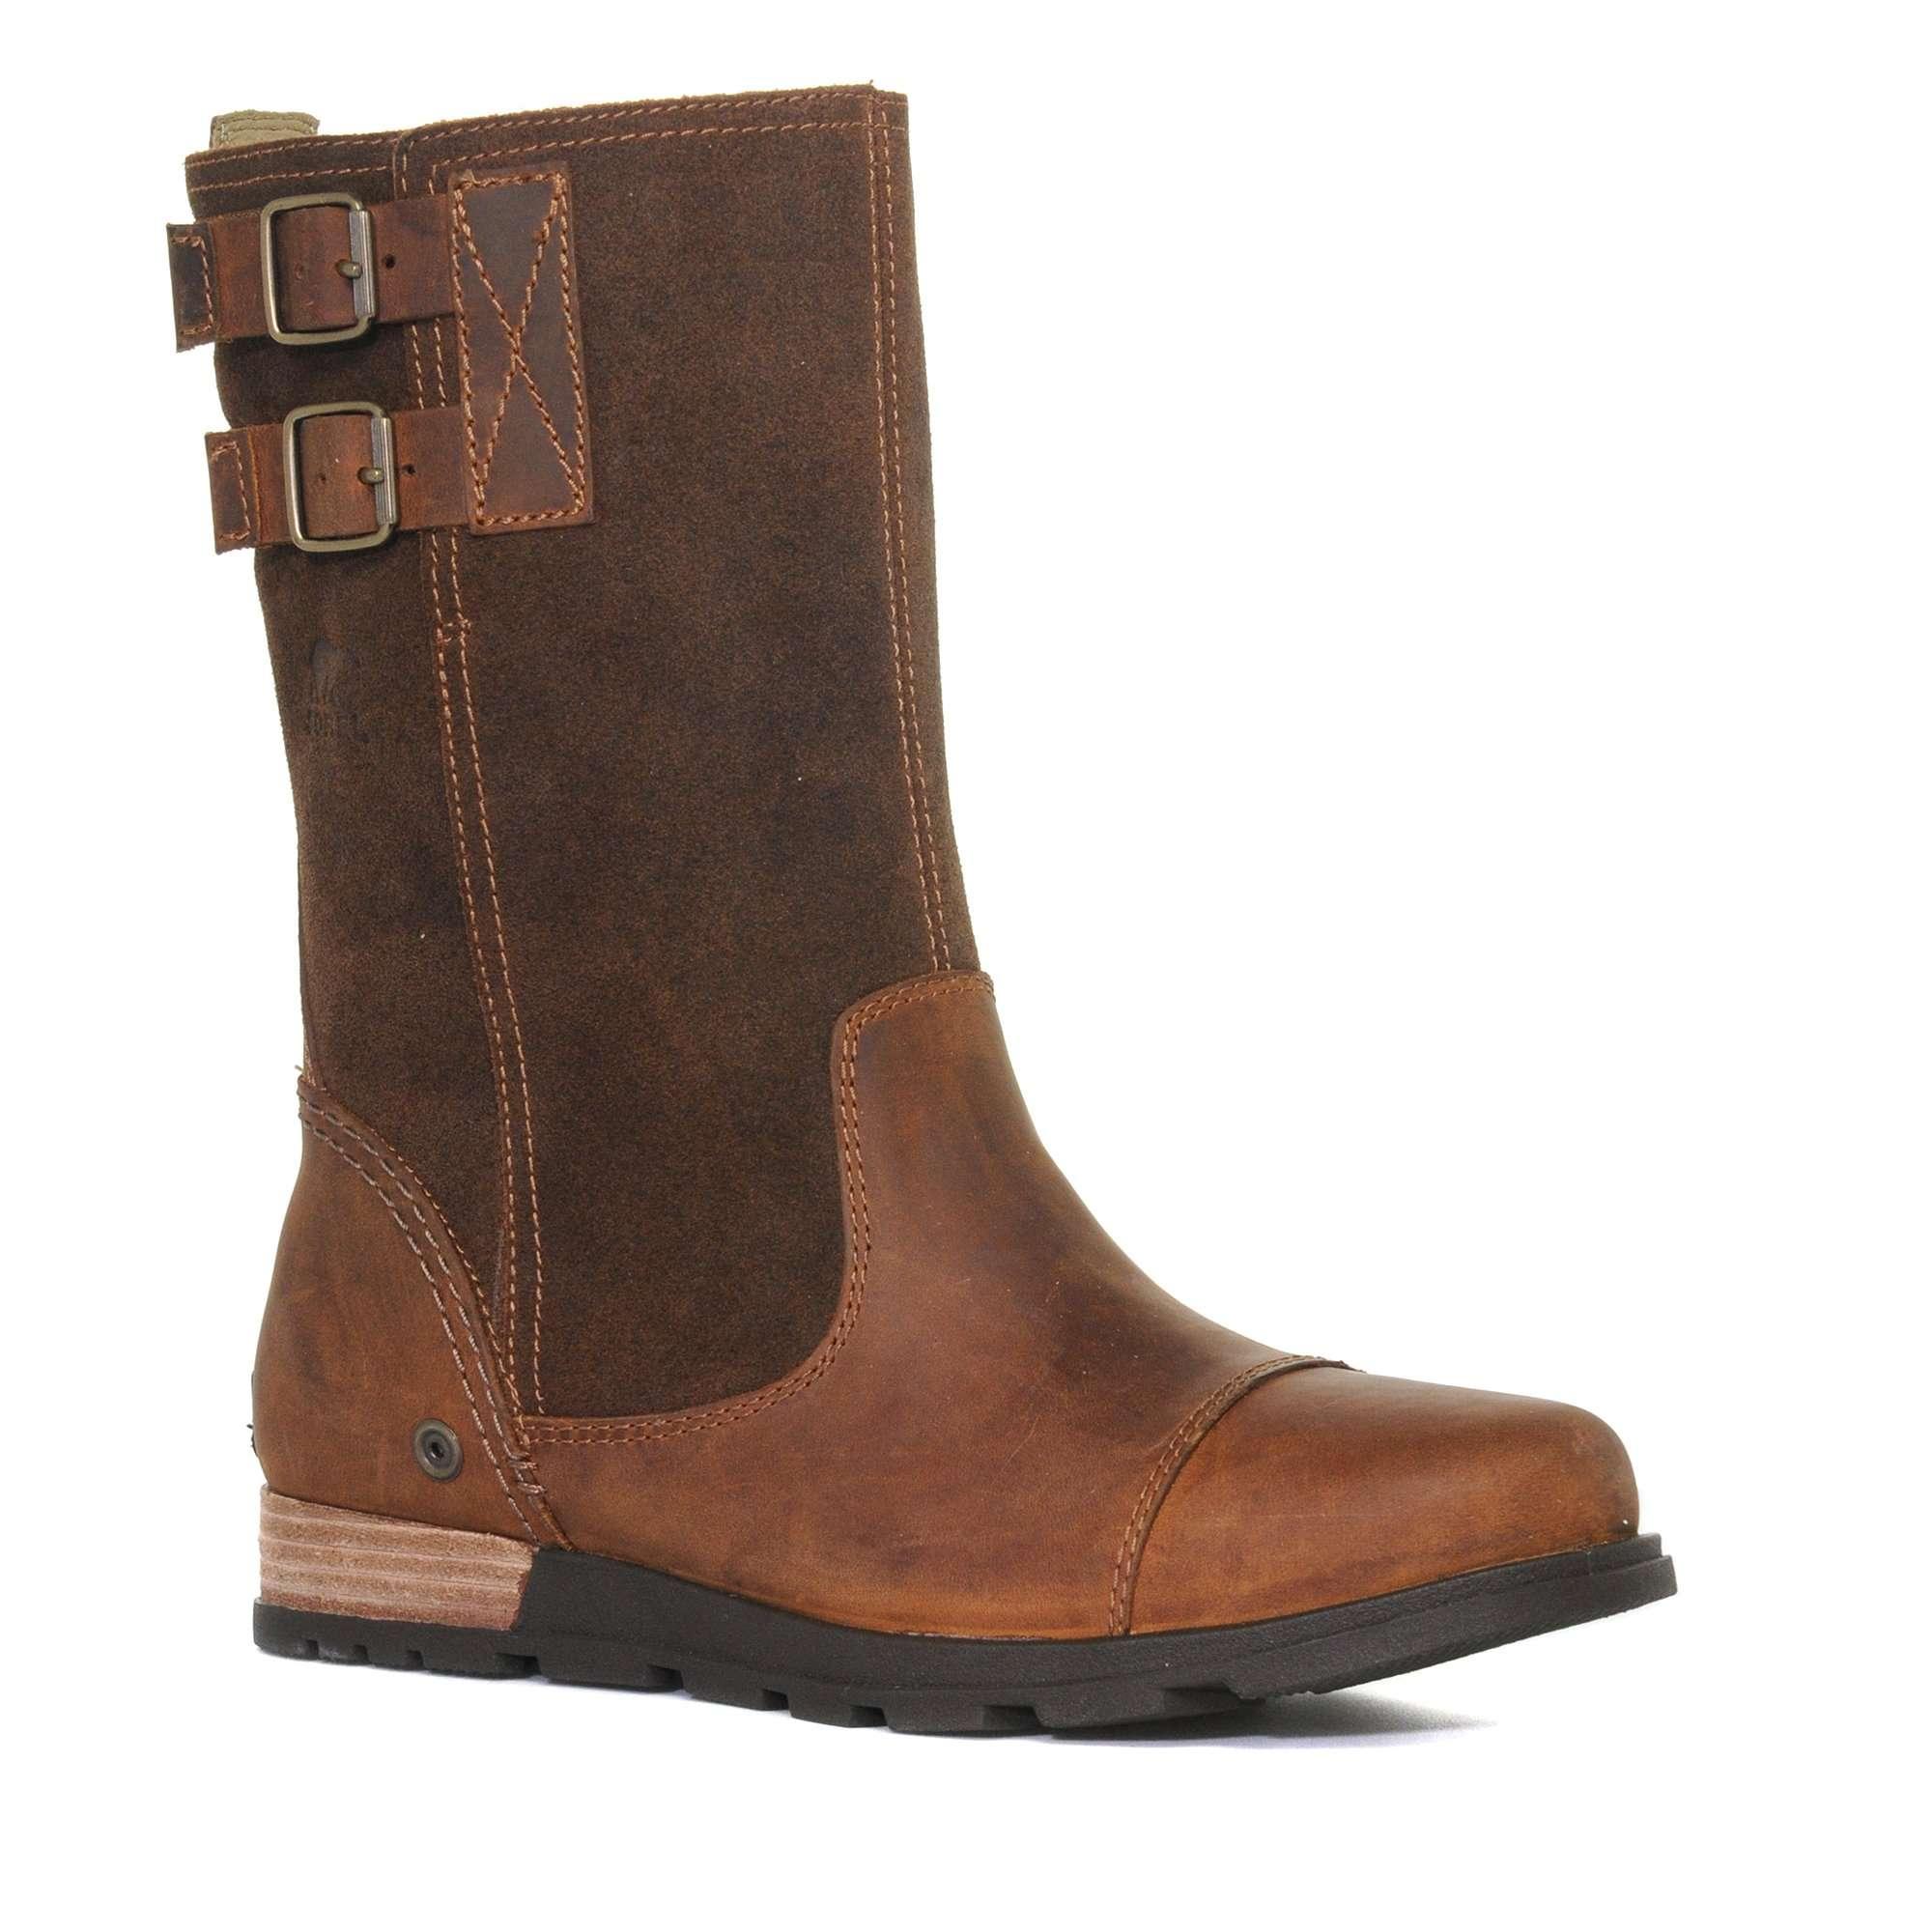 SOREL Women's Major Pull On Boots